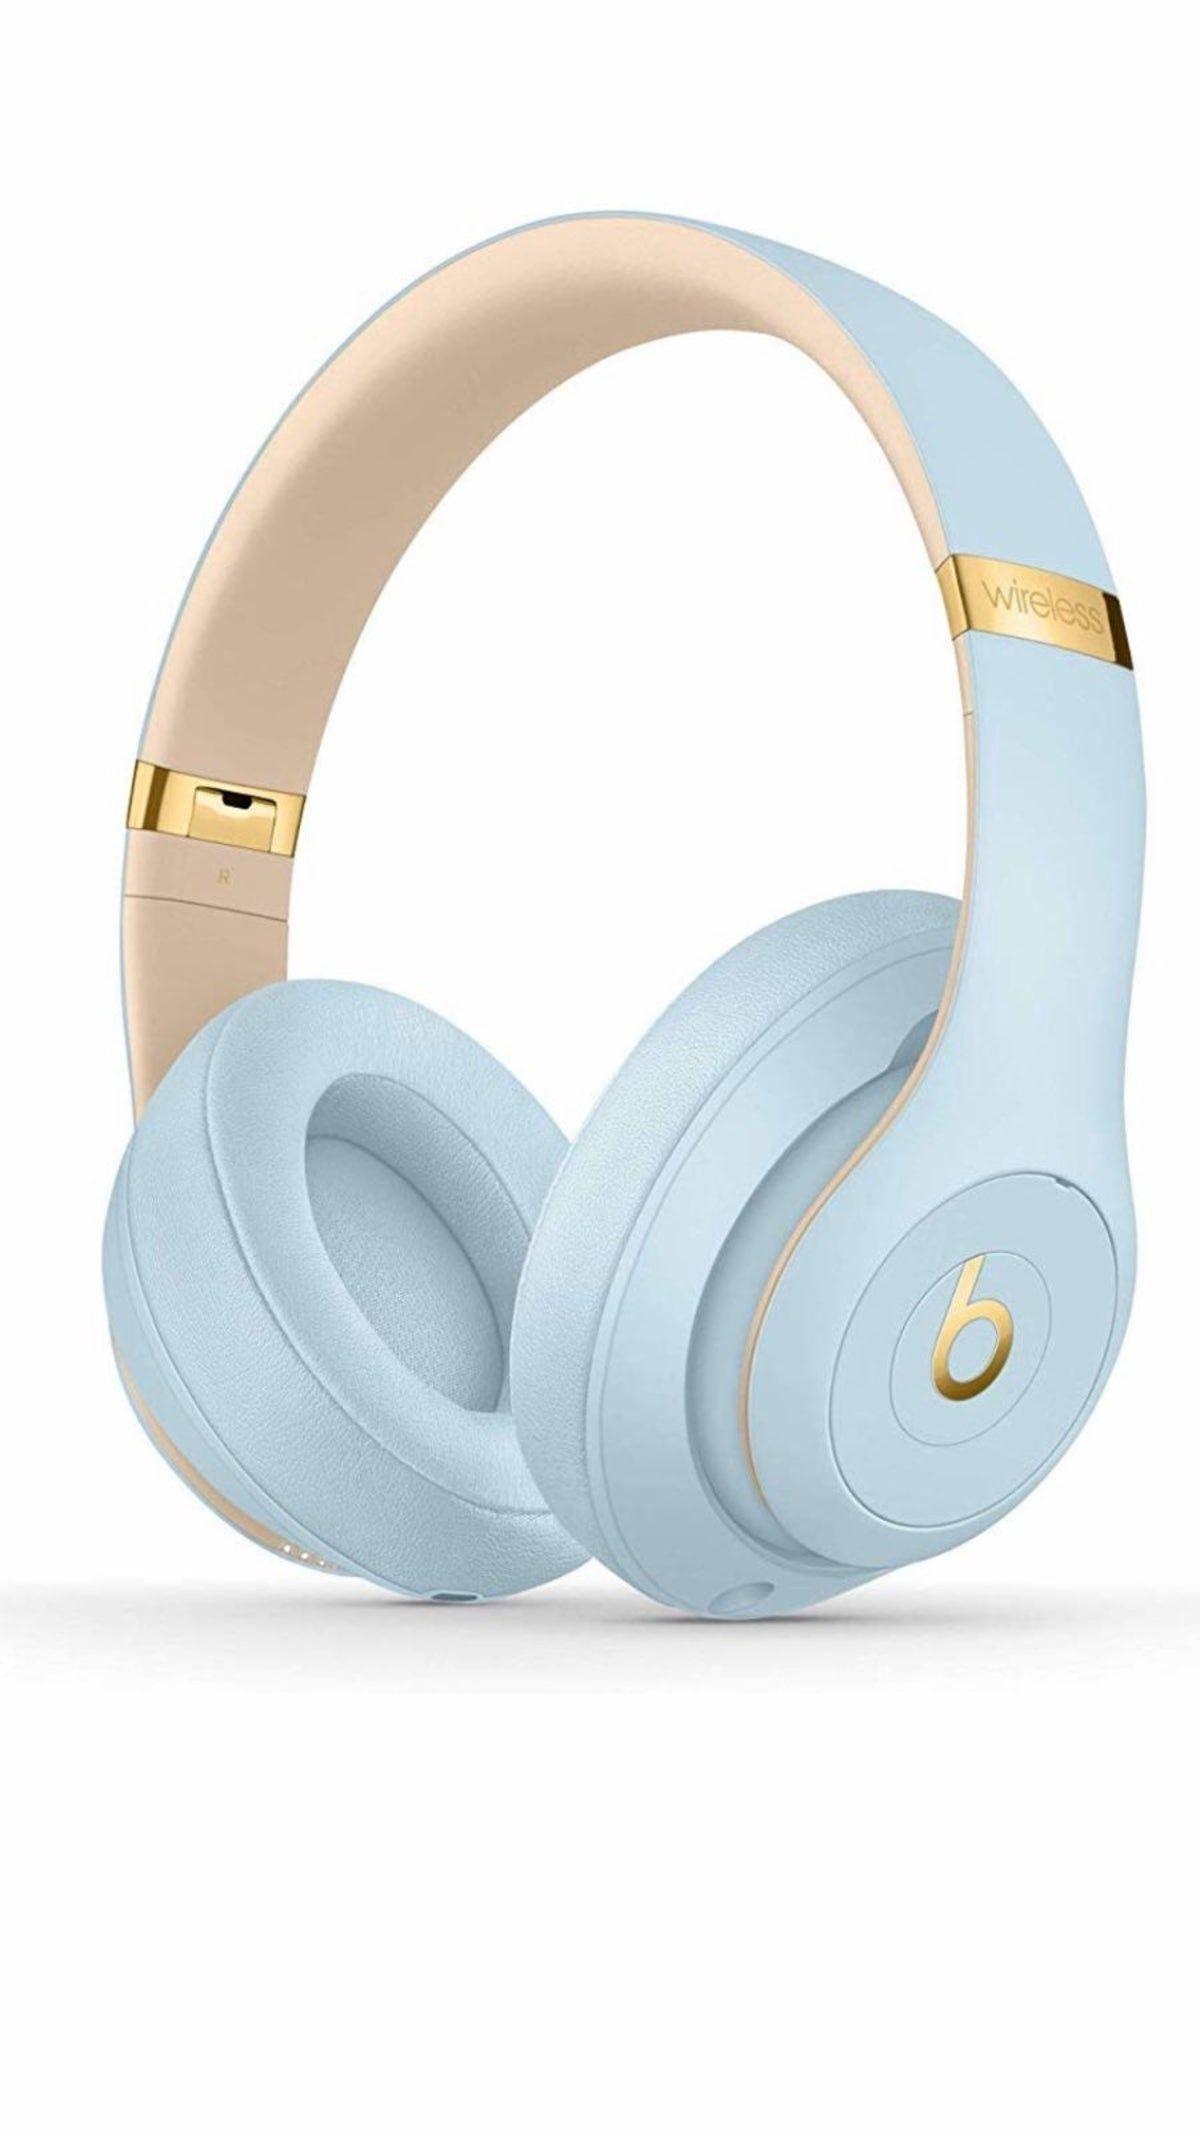 Baby Blue Beats Head Phones Studios Over In 2020 Beats Headphones Wireless Wireless Headphones Wireless Beats